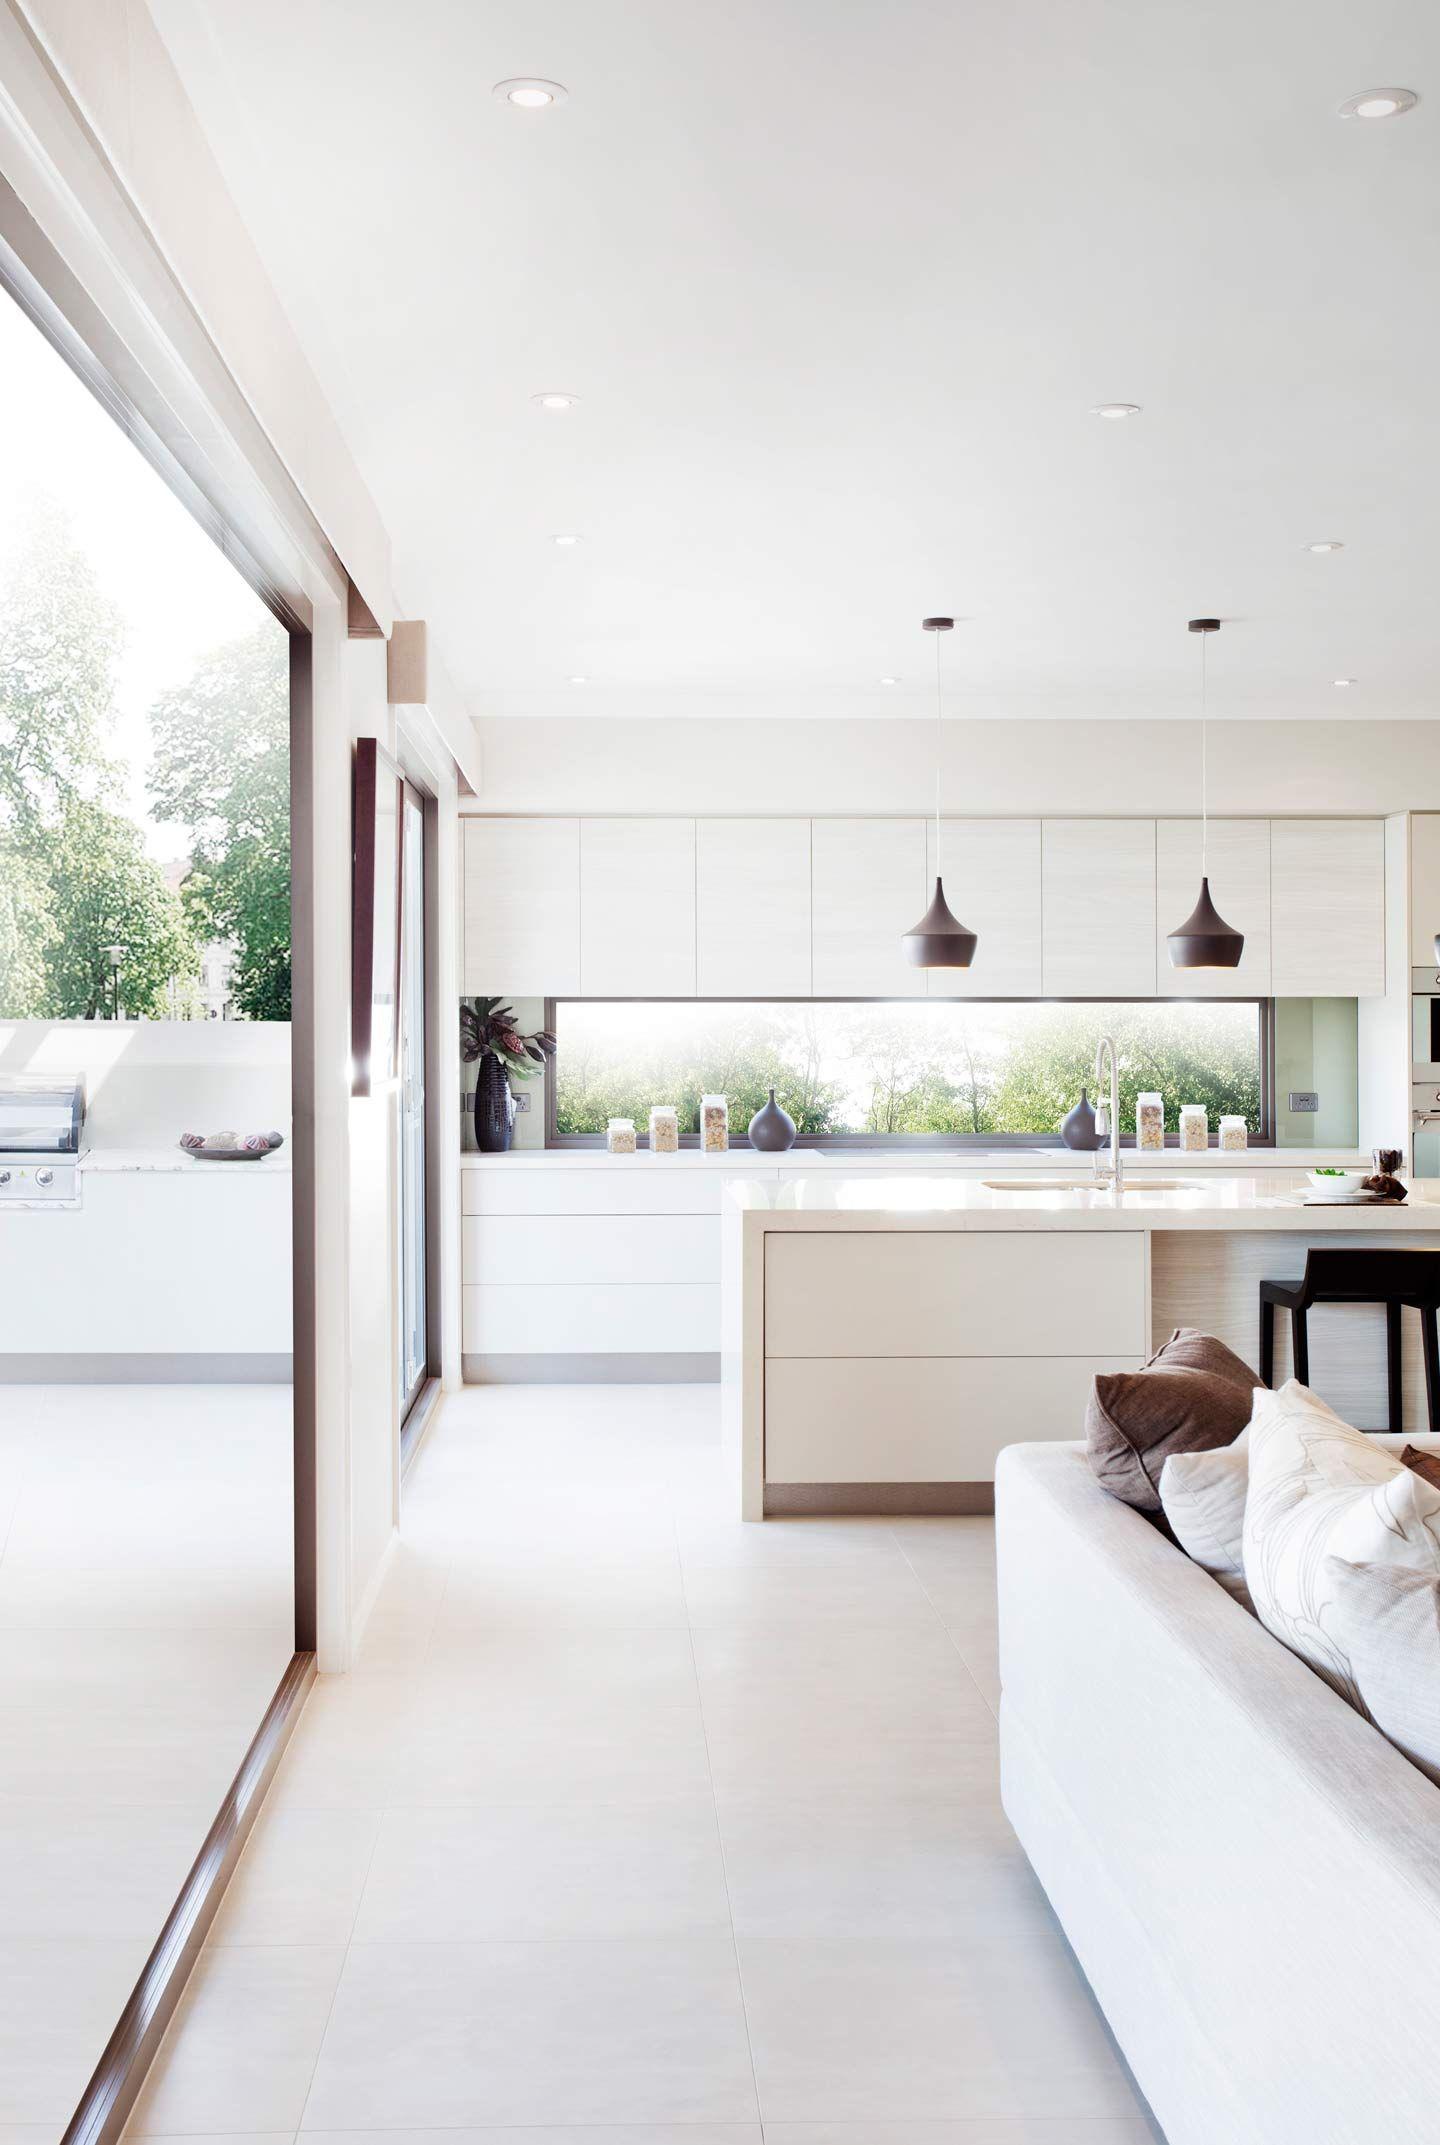 Oasis Home Design by McDonald Jones. Exclusive to Queensland ...